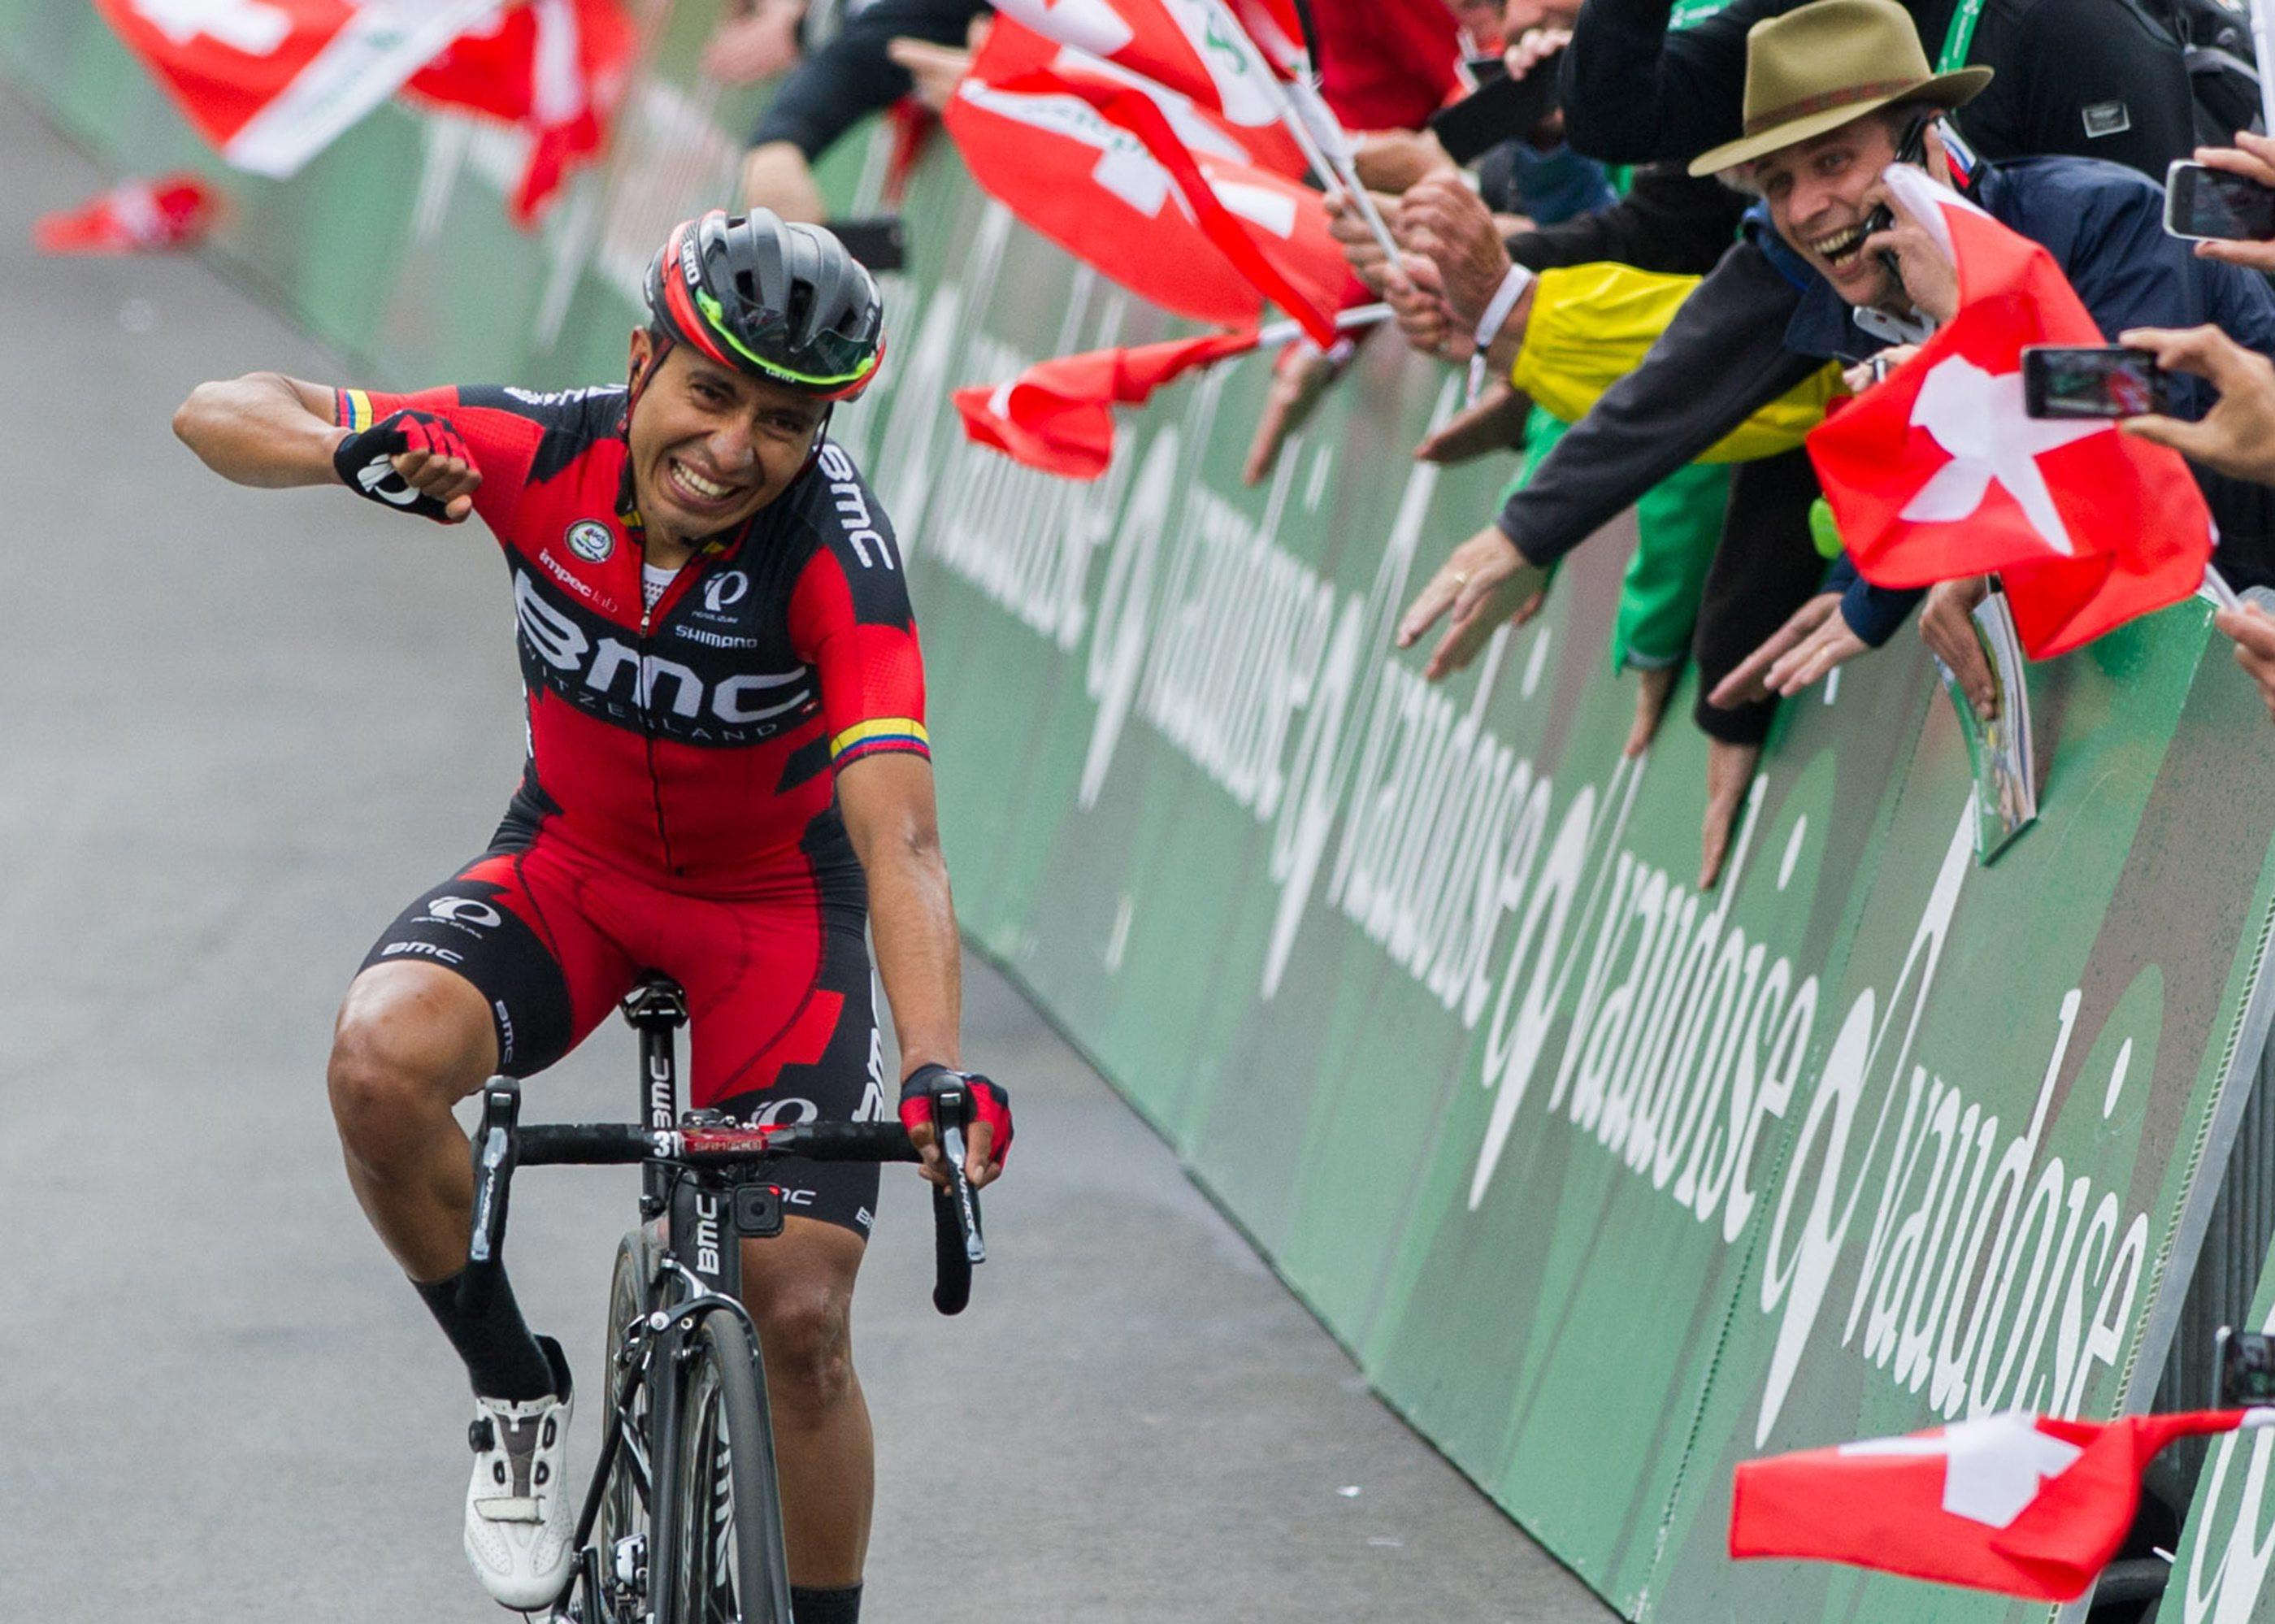 Atapuma conquista vermelha na Vuelta perante alguma passividade do pelotão